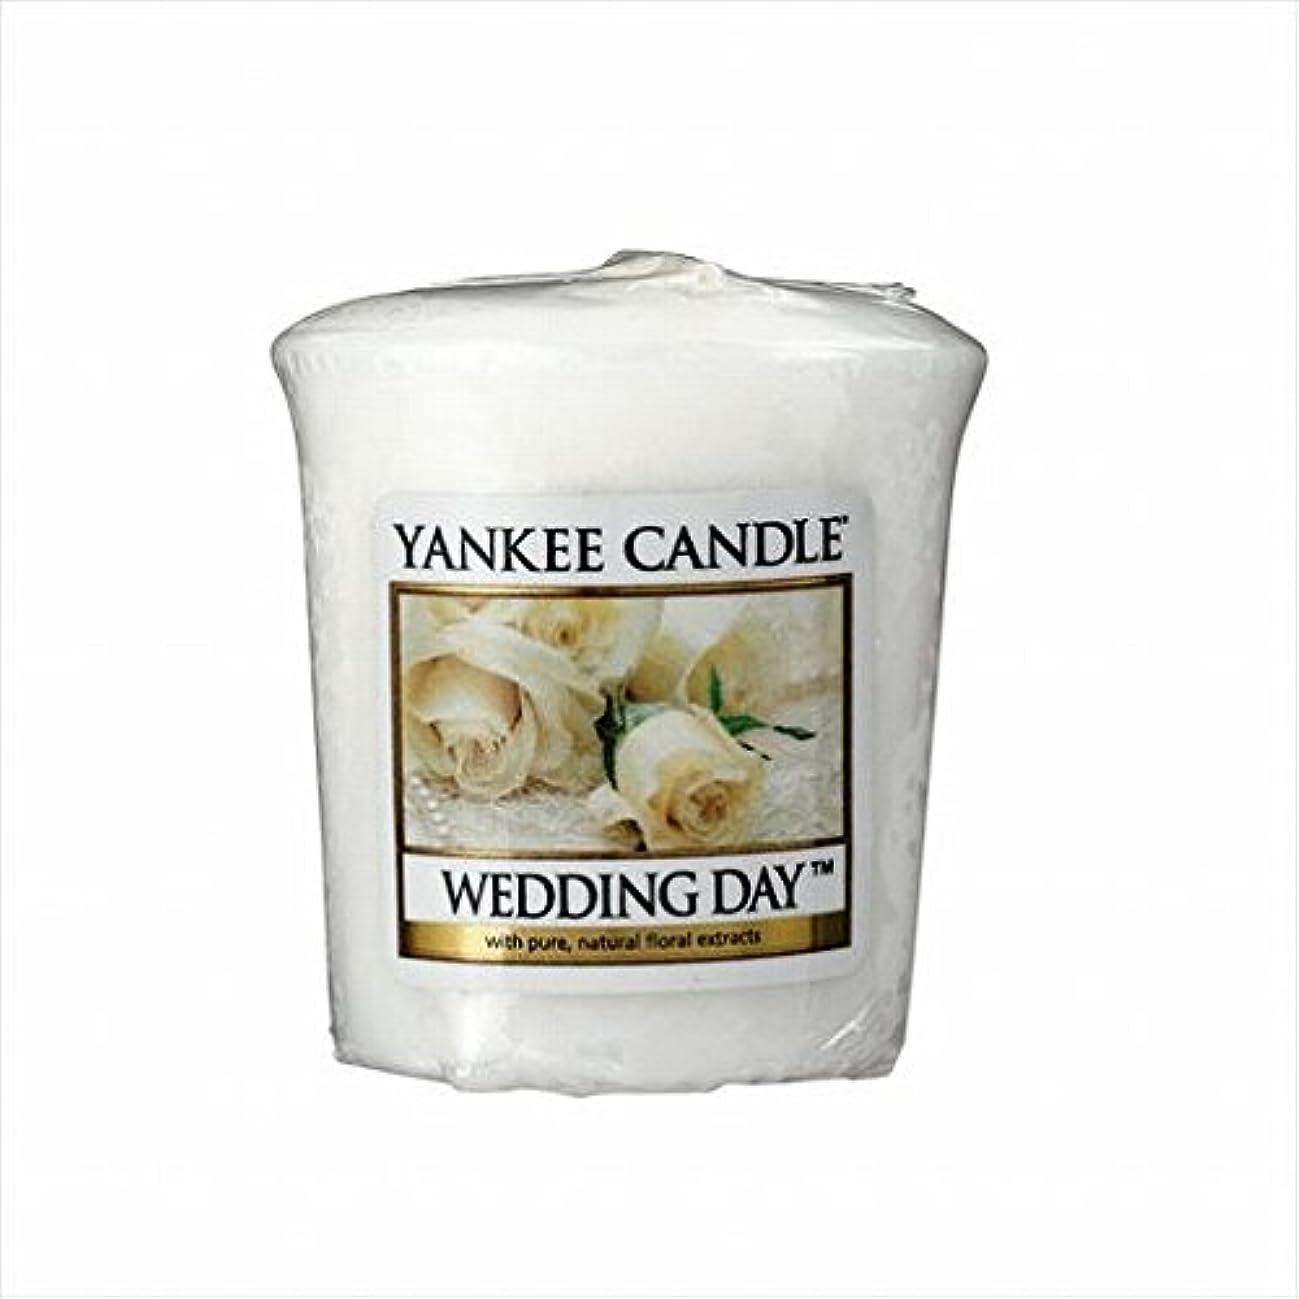 に対処する罪悪感セーブカメヤマキャンドル(kameyama candle) YANKEE CANDLE サンプラー 「 ウエディングデイ 」